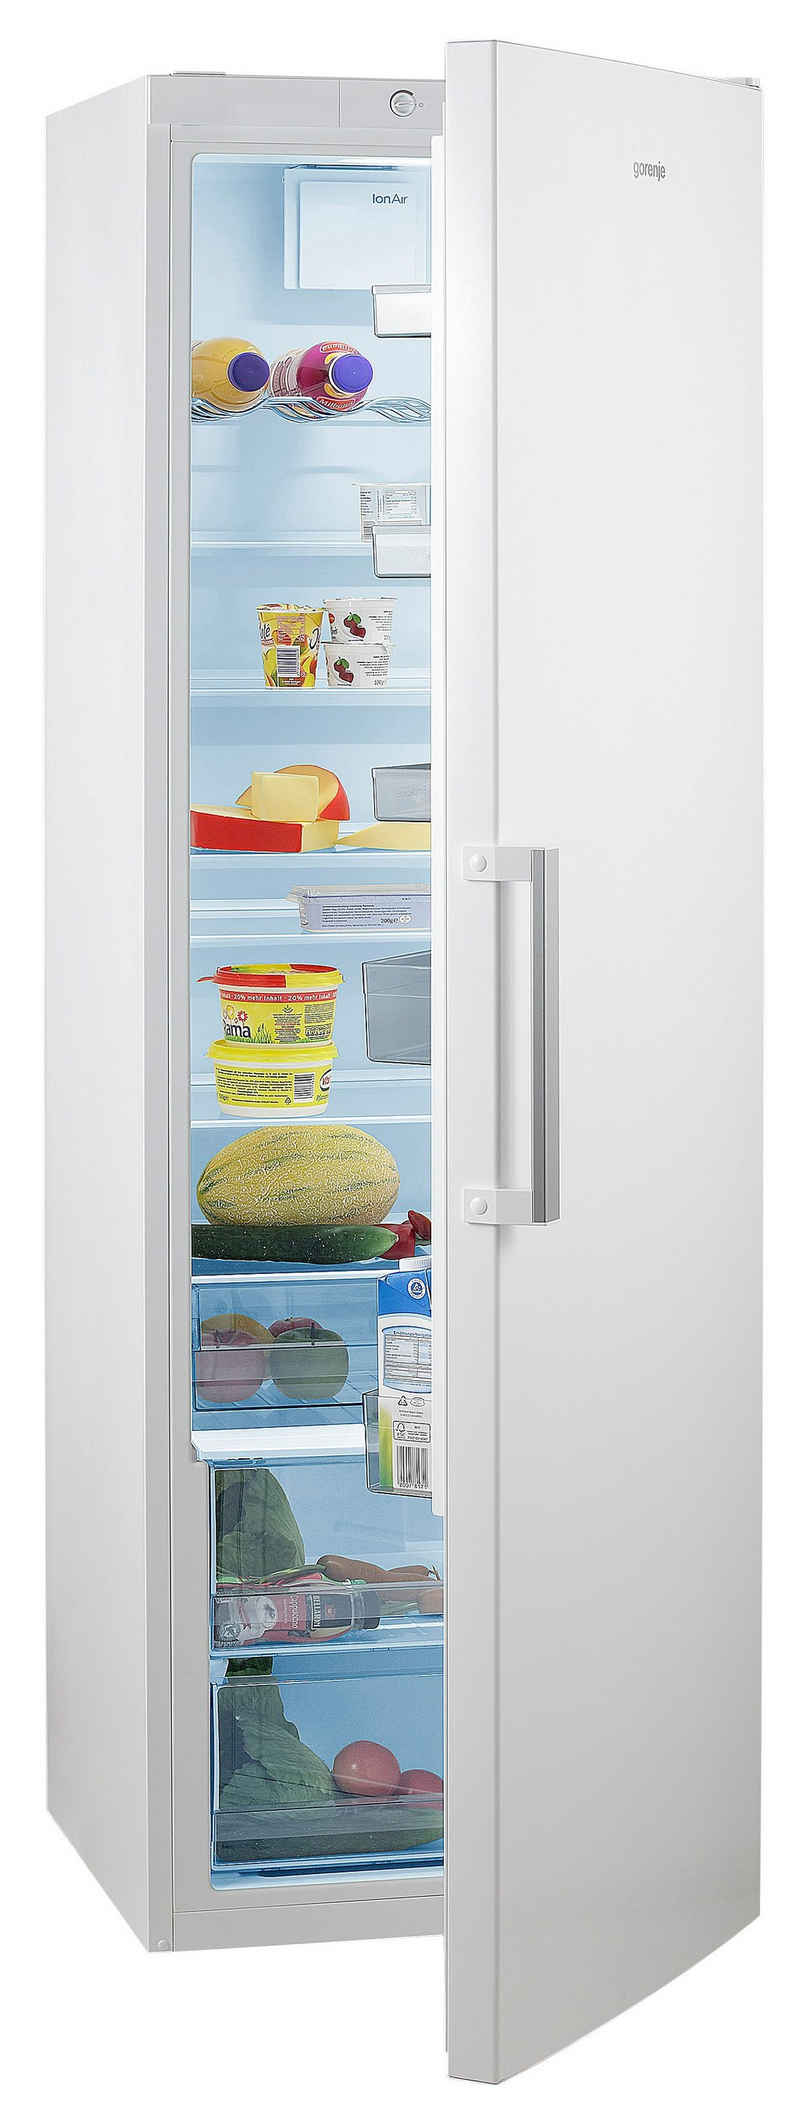 GORENJE Vollraumkühlschrank R6192FW, 185 cm hoch, 60 cm breit, 185 cm hoch, FreshZone-Schublade, Großraum!